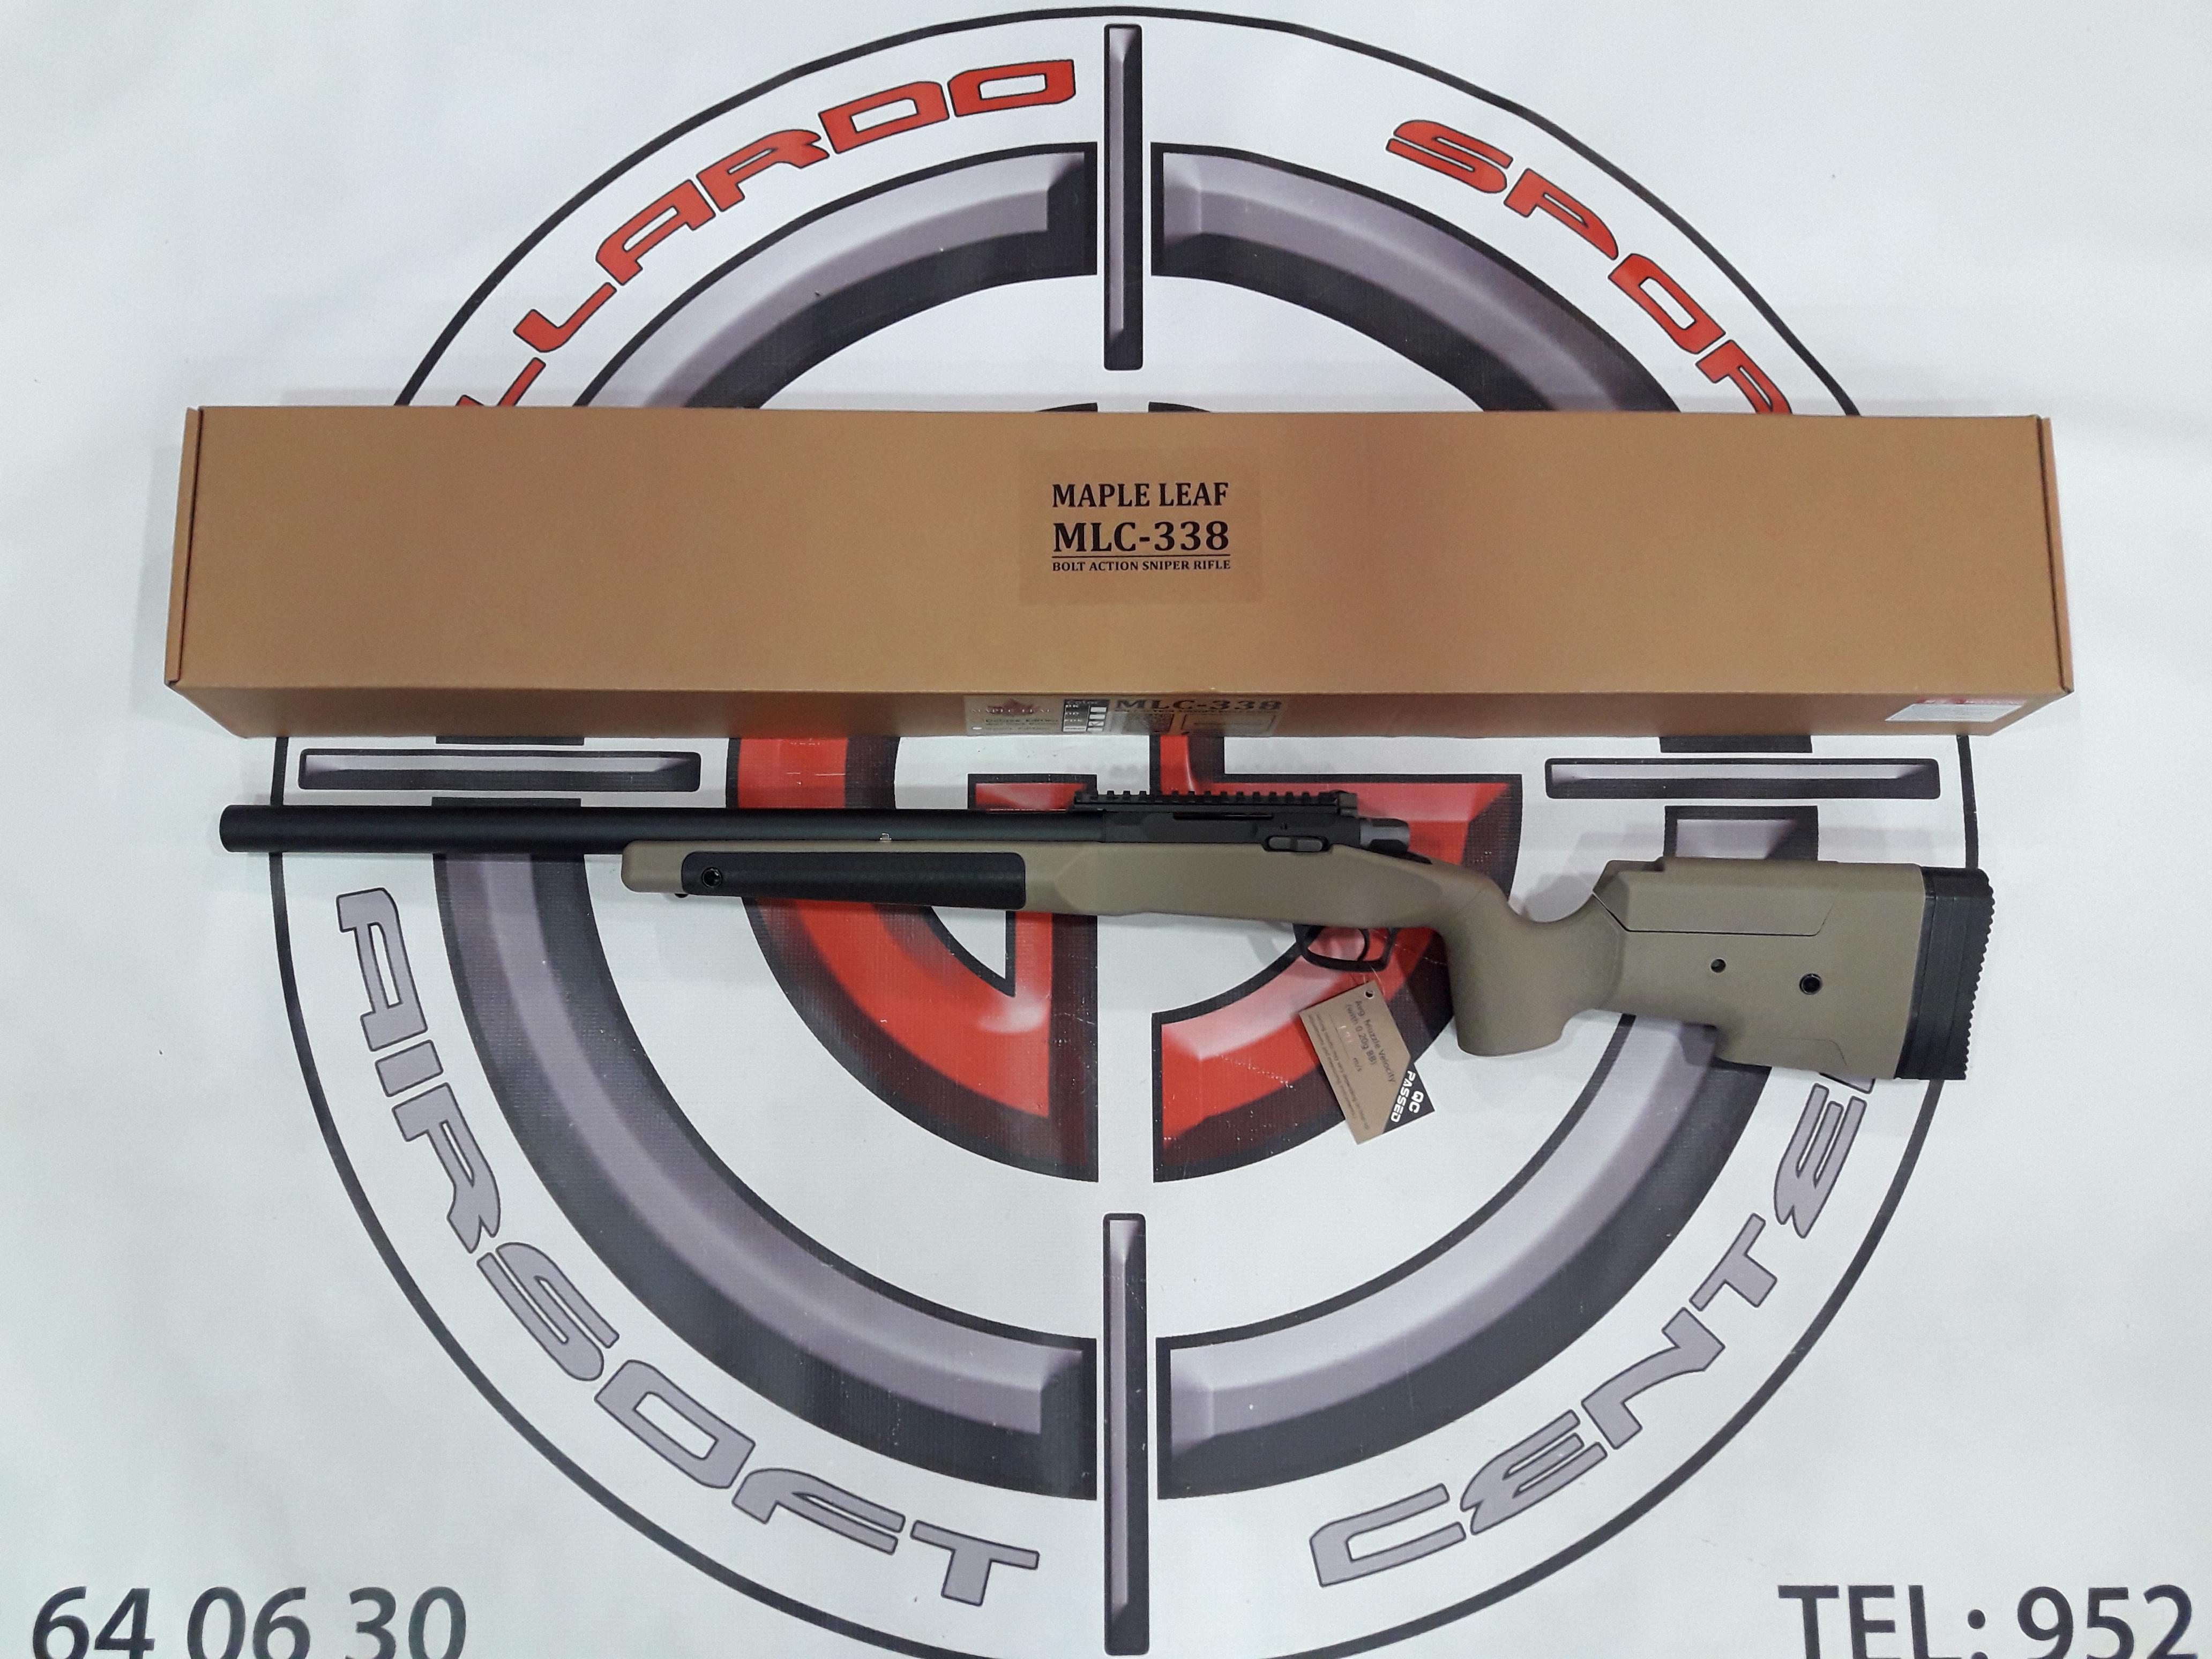 MAPLE LEAF MLC-338 TAN